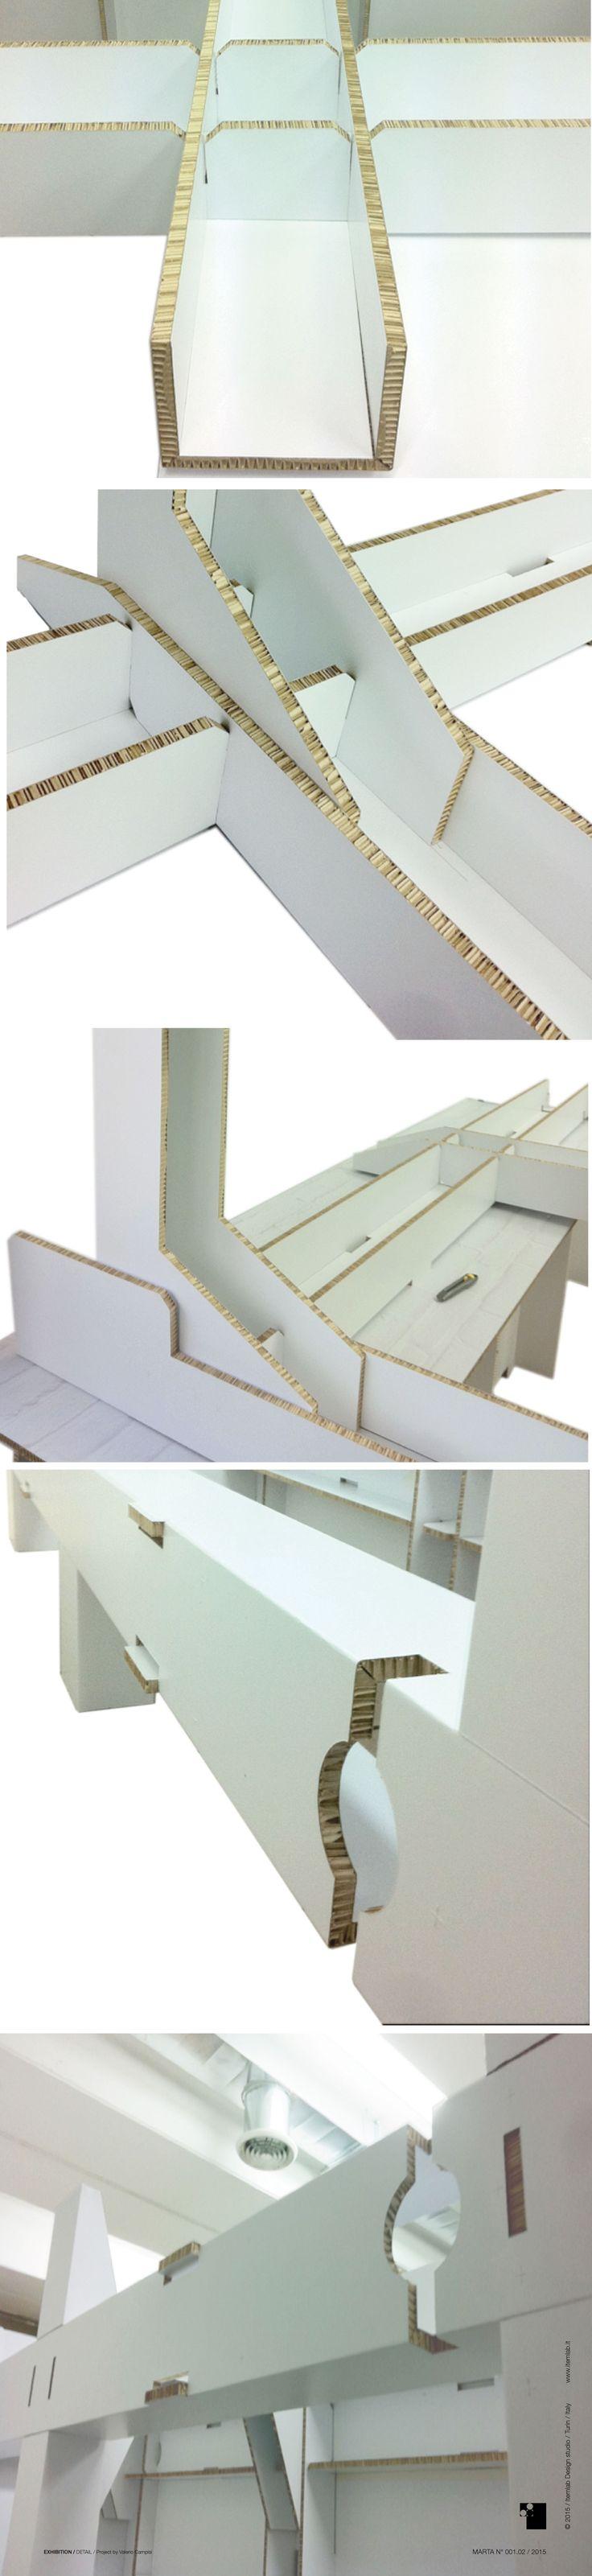 #Cardboard #Exhibition #Detail #Structure #itemlab